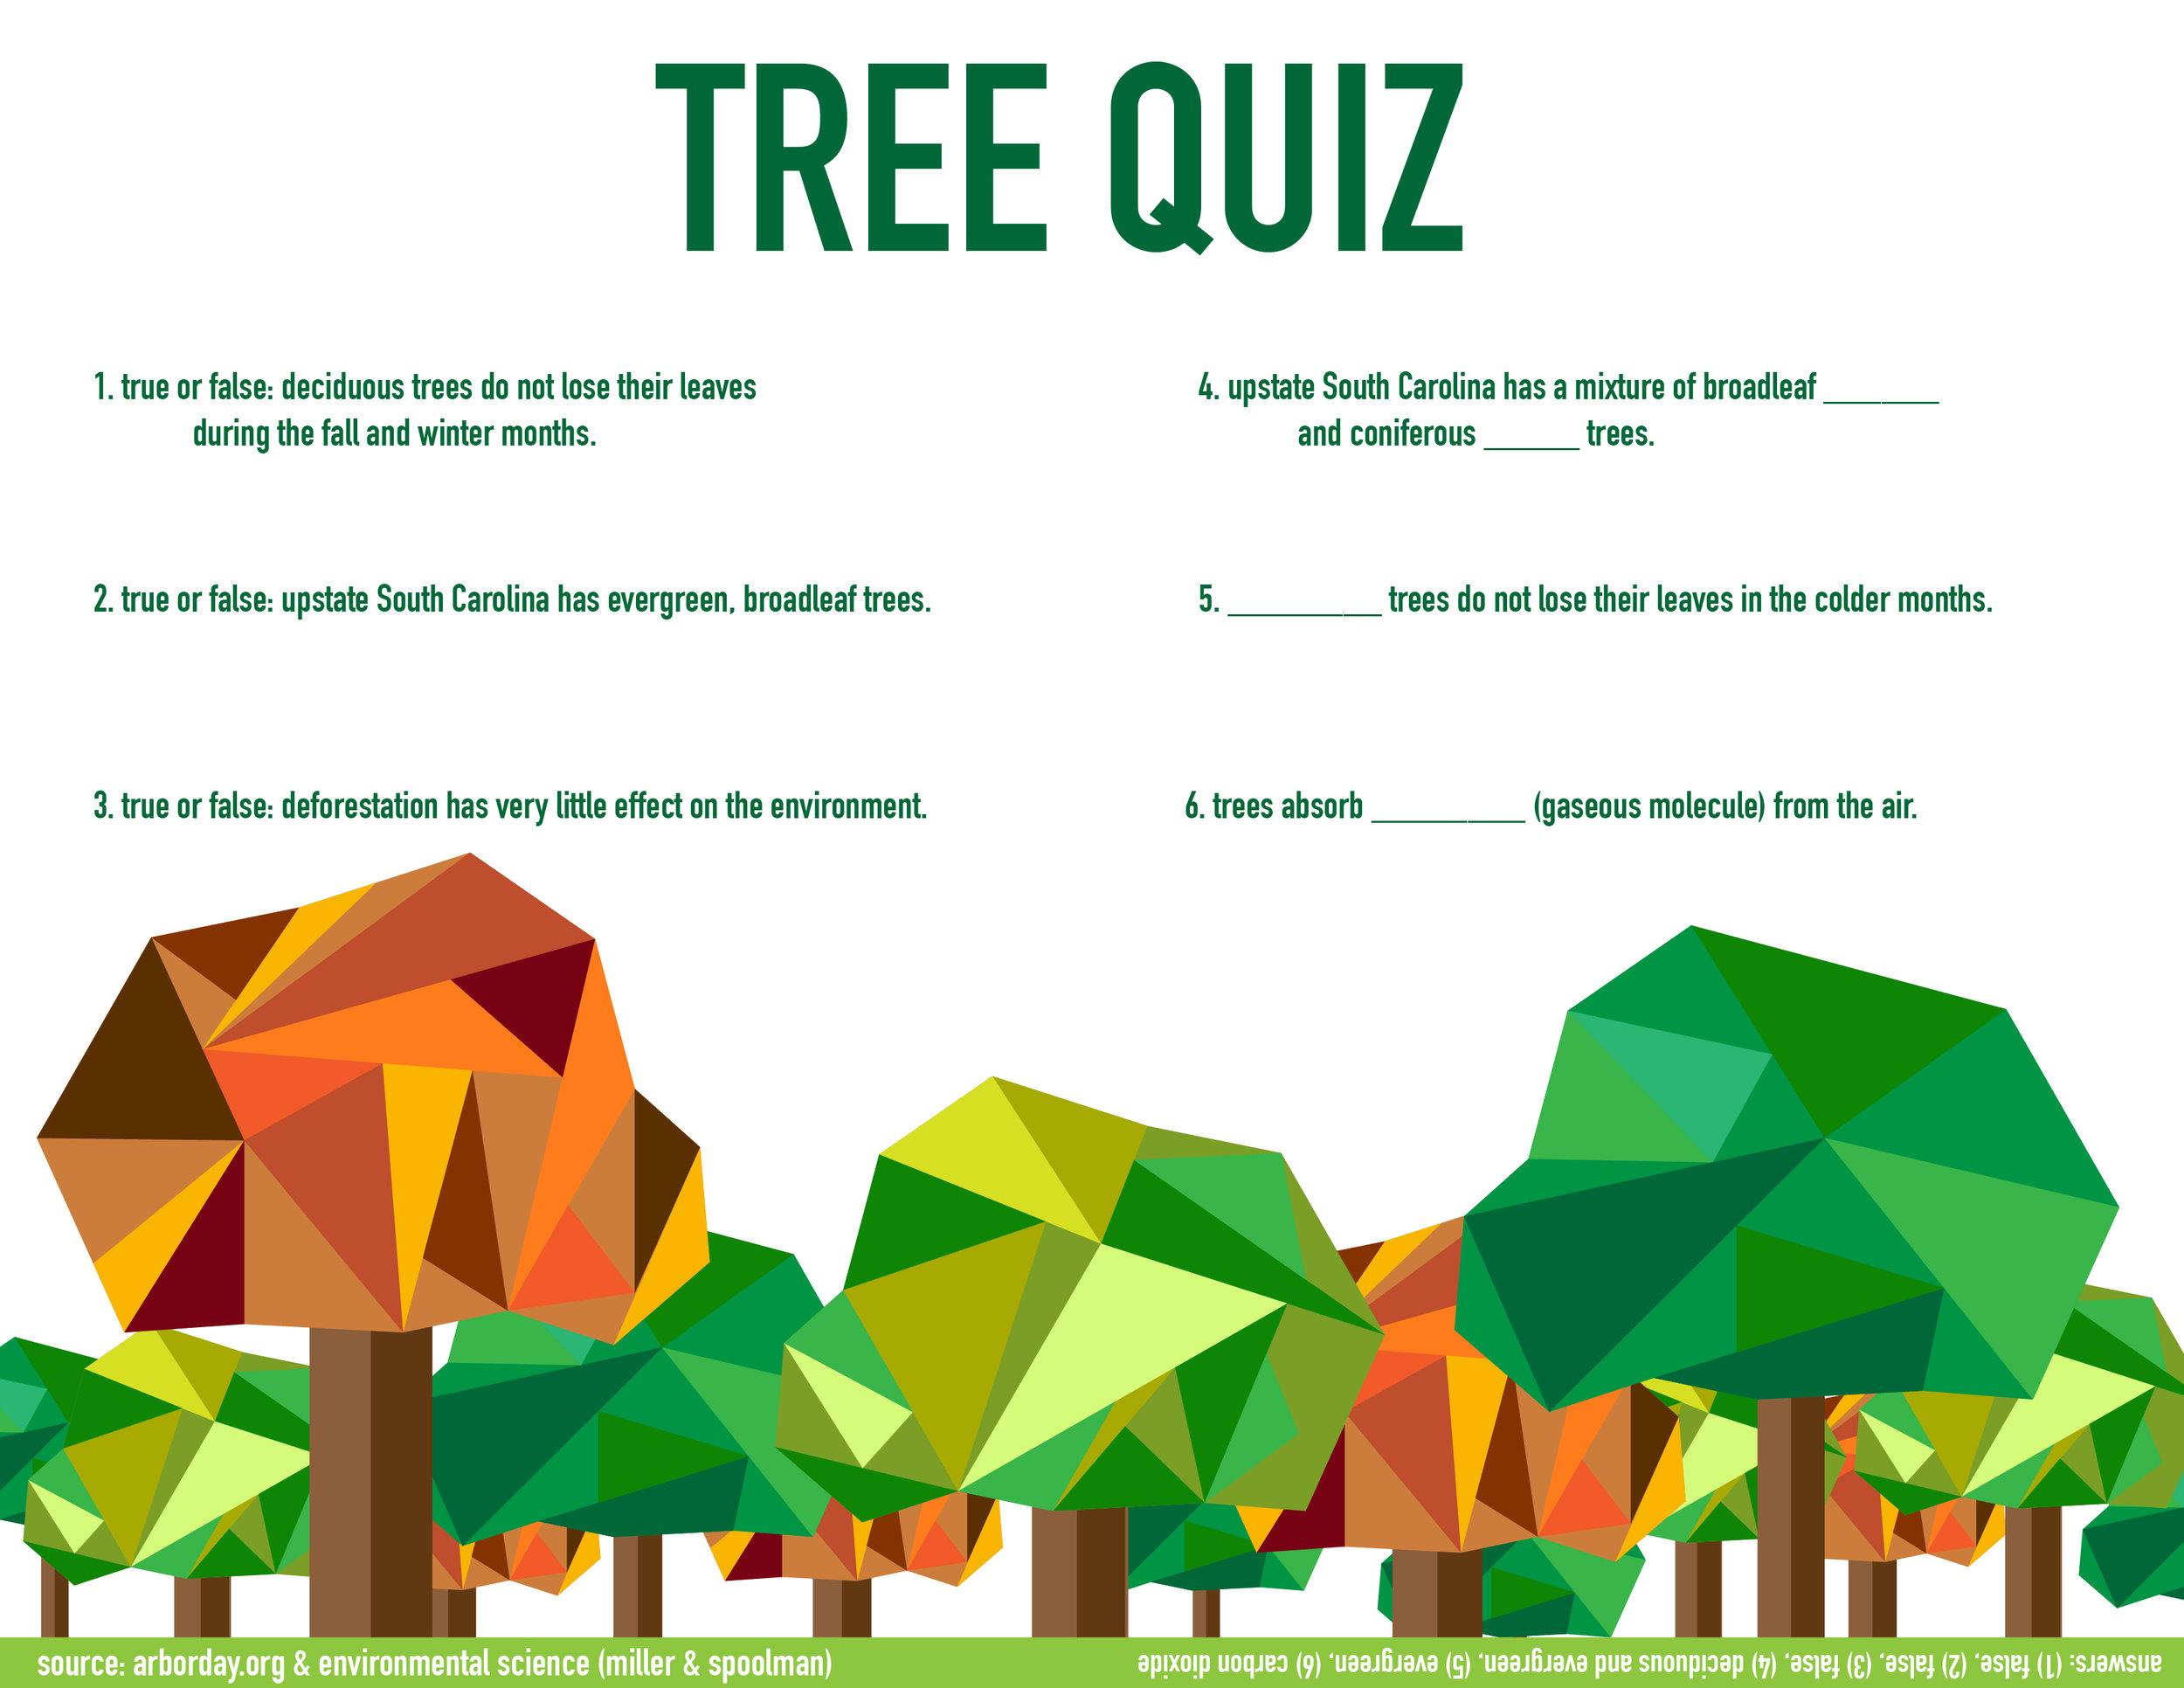 TreeQuiz-01.jpg